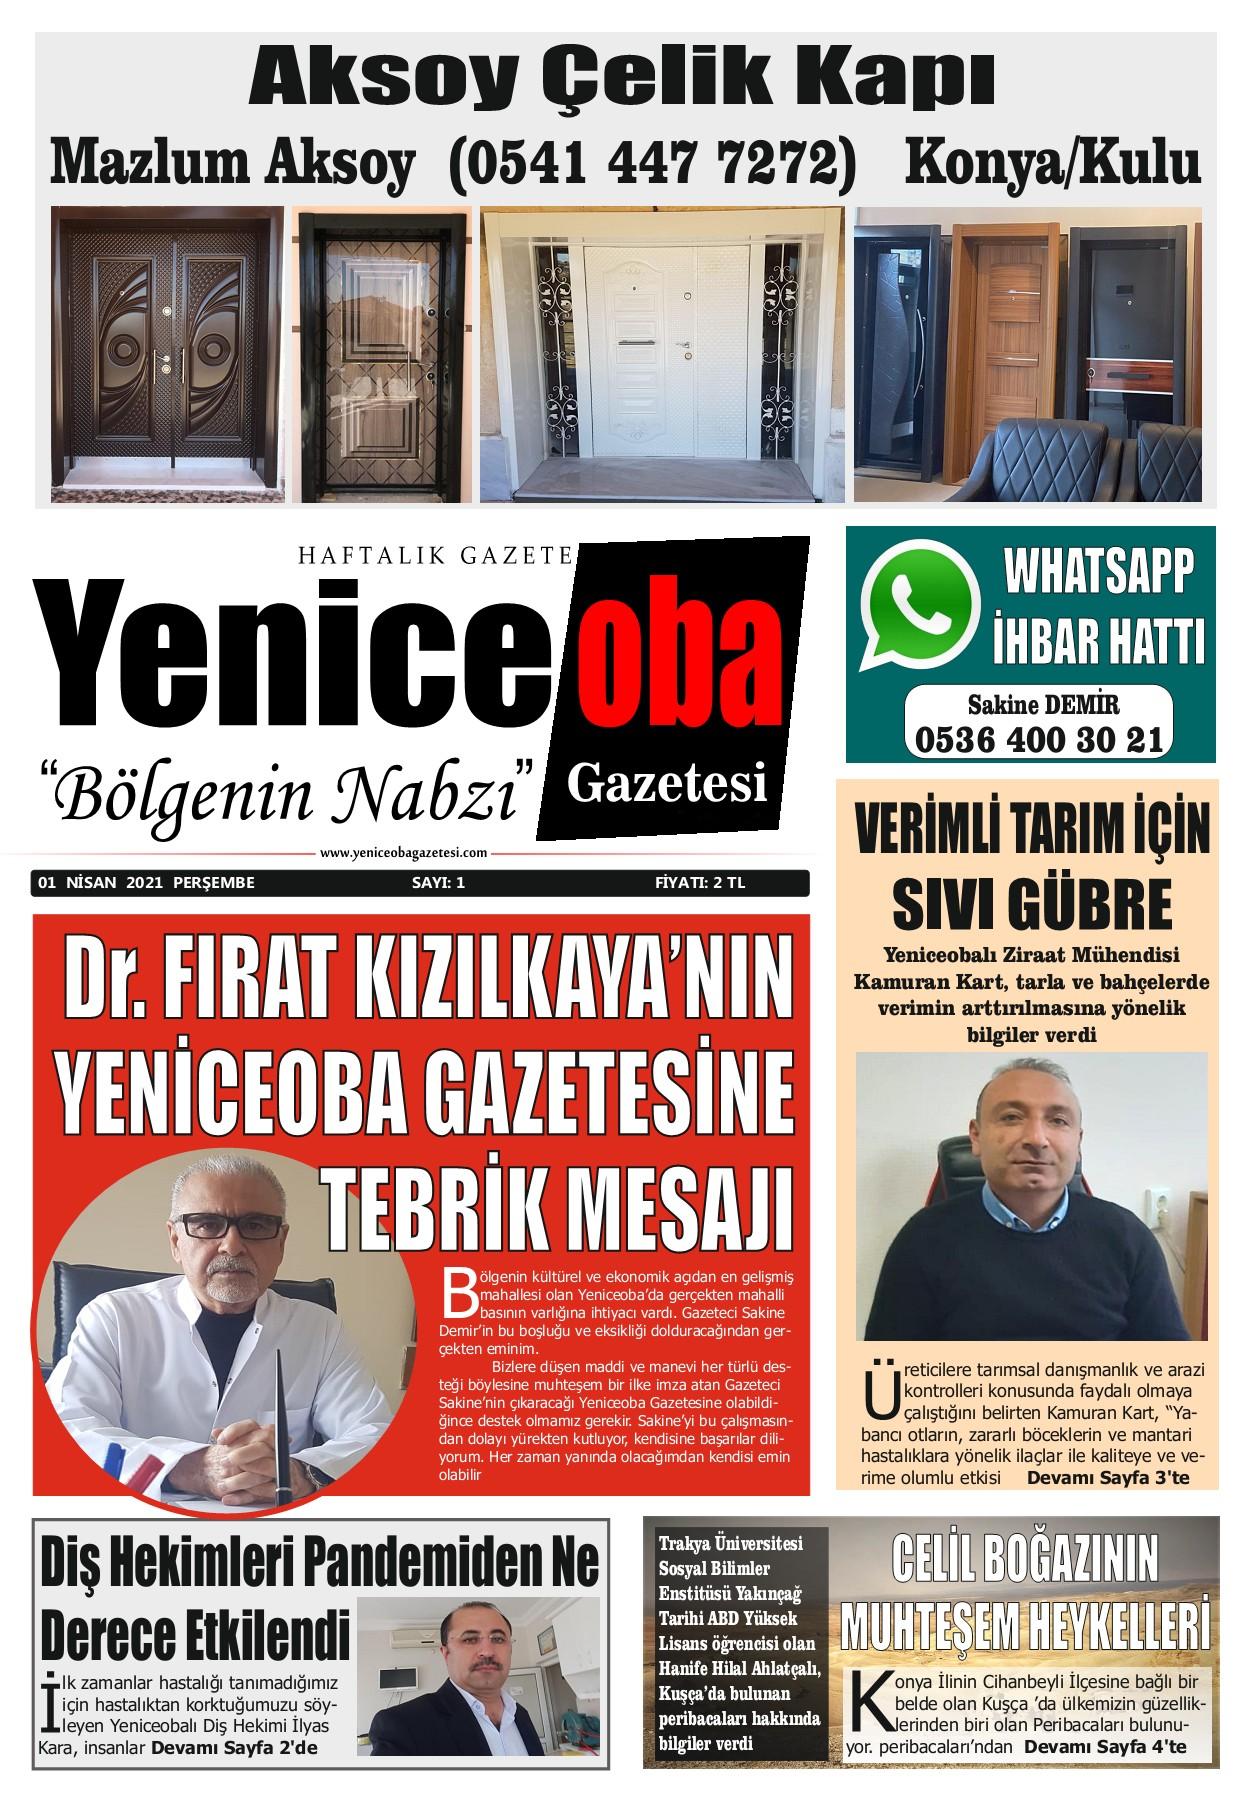 Yeniceoba Gazetesi - Bölgenin Nabzı - 1. Sayı